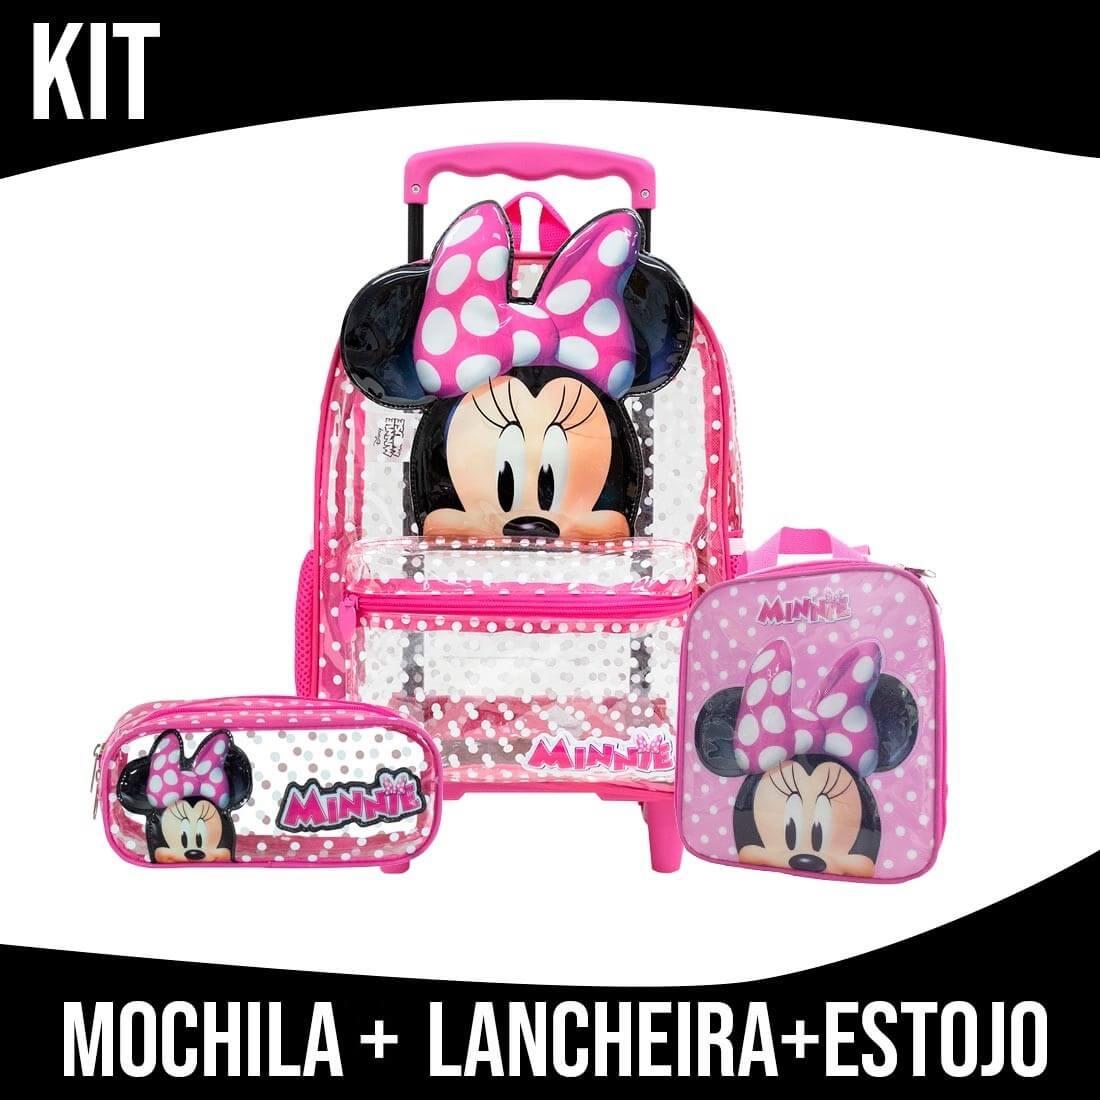 Kit Mochila Infantil Transparente Com Rodinha Minnie Xeryus